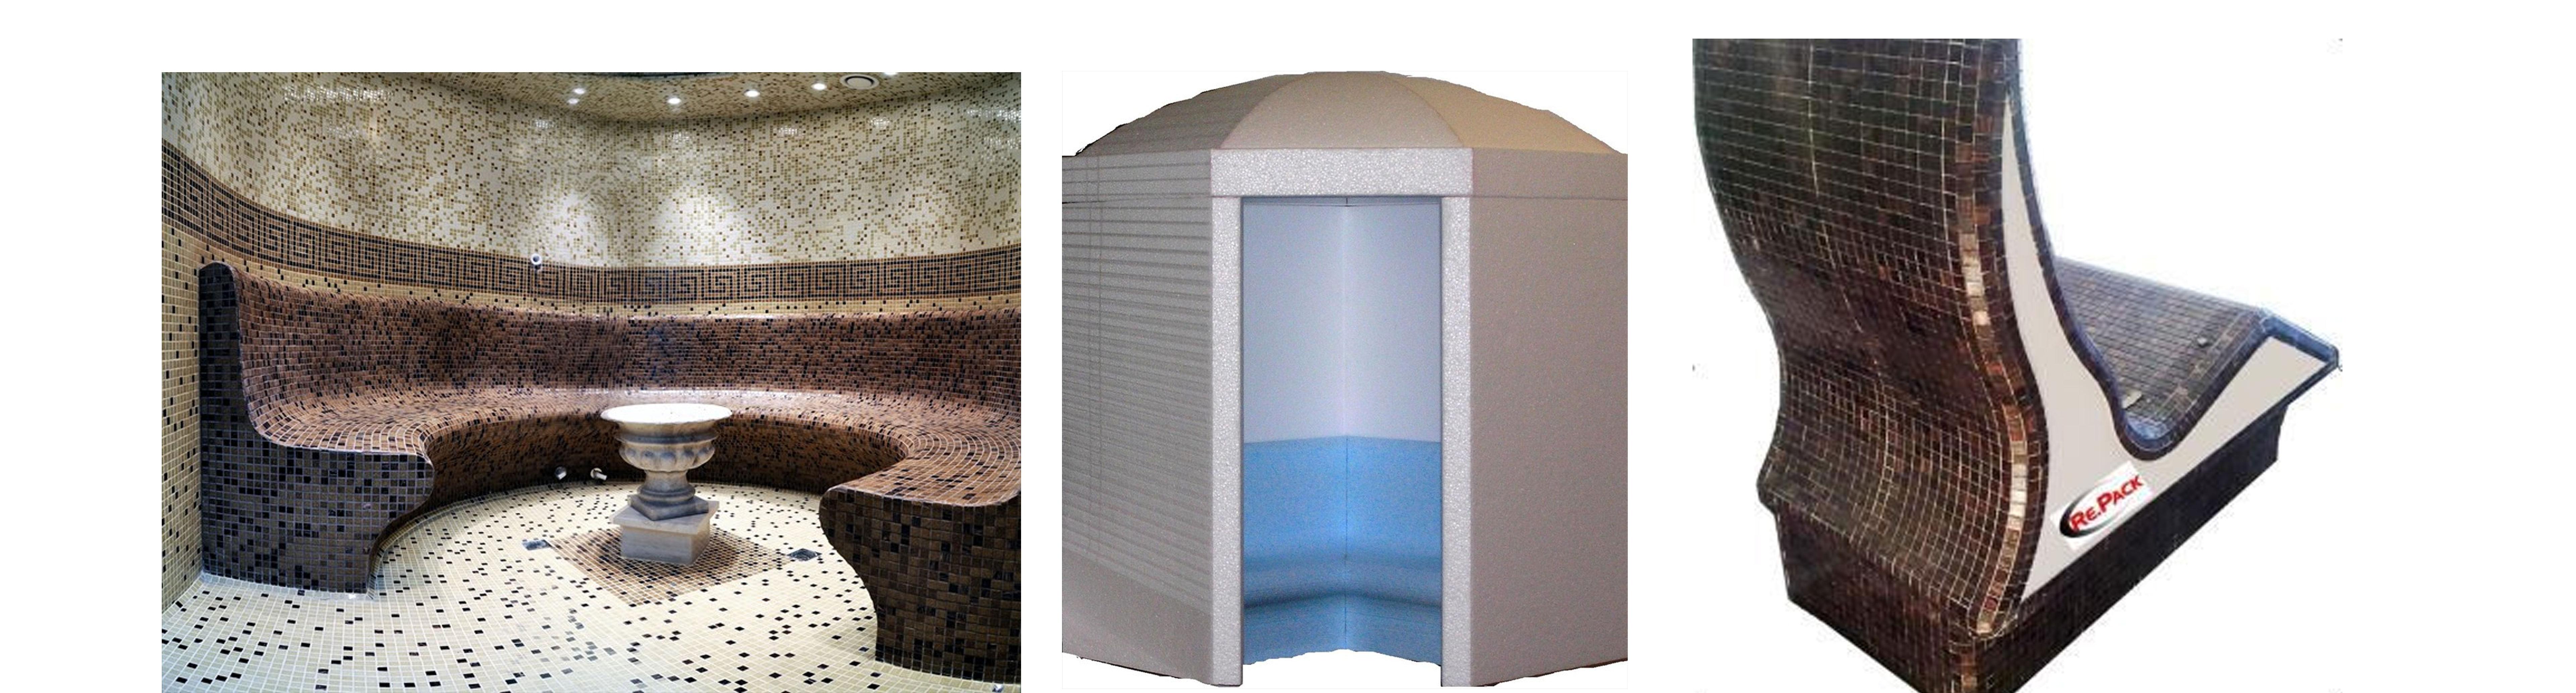 Re pack bagno turco prodotto guida edilizia - Realizzazione bagno turco ...